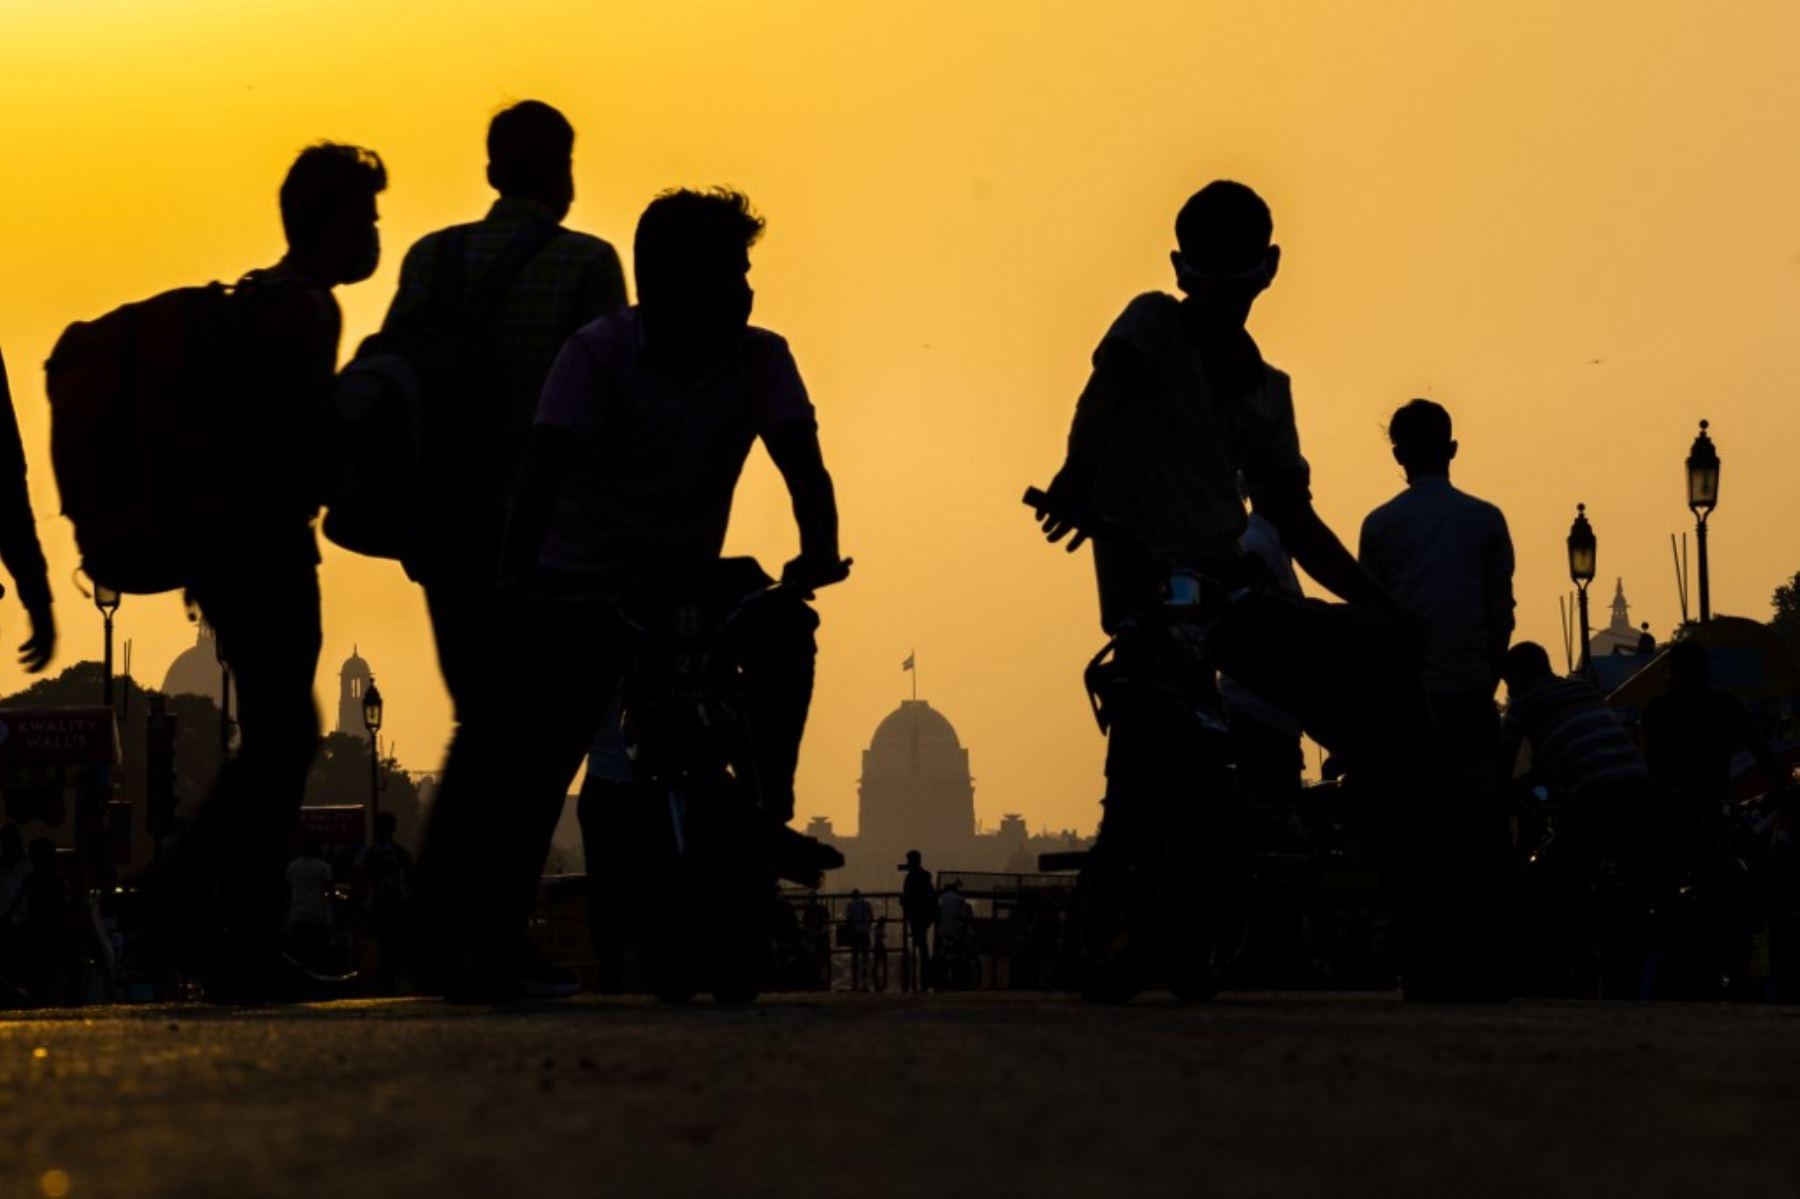 Los vendedores que usan mascarillas como medida preventiva contra el coronavirus covid-19 esperan a que los clientes alquilen sus bicicletas de juguete para paseos por la calle Rajpath cerca de la Puerta de la India en Nueva Delhi.Foto:AFP